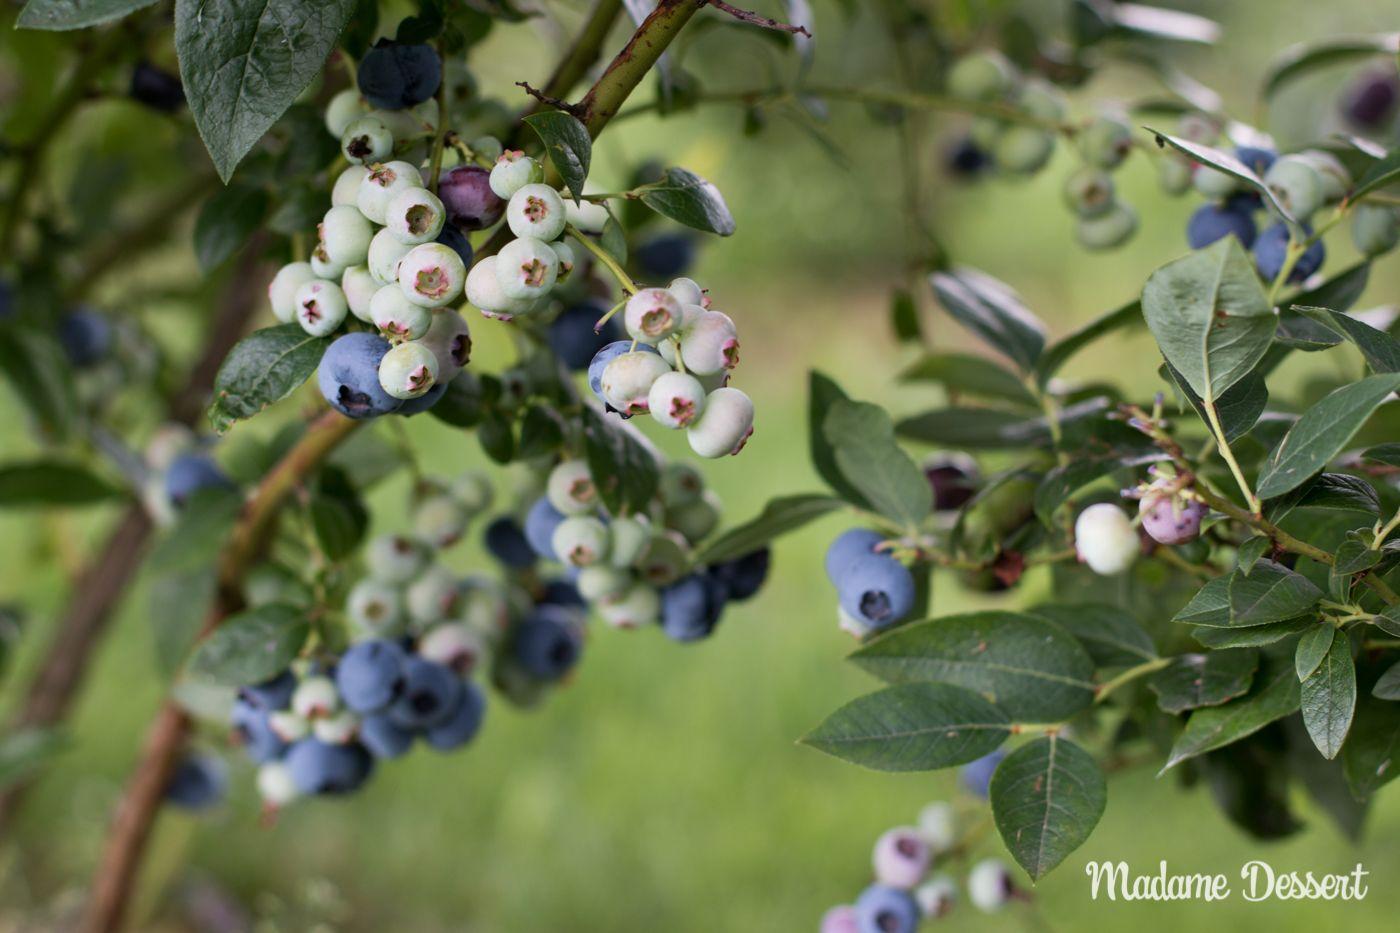 Selbst gepflückt schmeckt's doch am besten: Mein Ausflug zur #Heidelbeerernte in die #Oberpfalz und was ihr bei der Ernte der süßen Beeren beachten solltet.  #Heidelbeeren #Blueberries